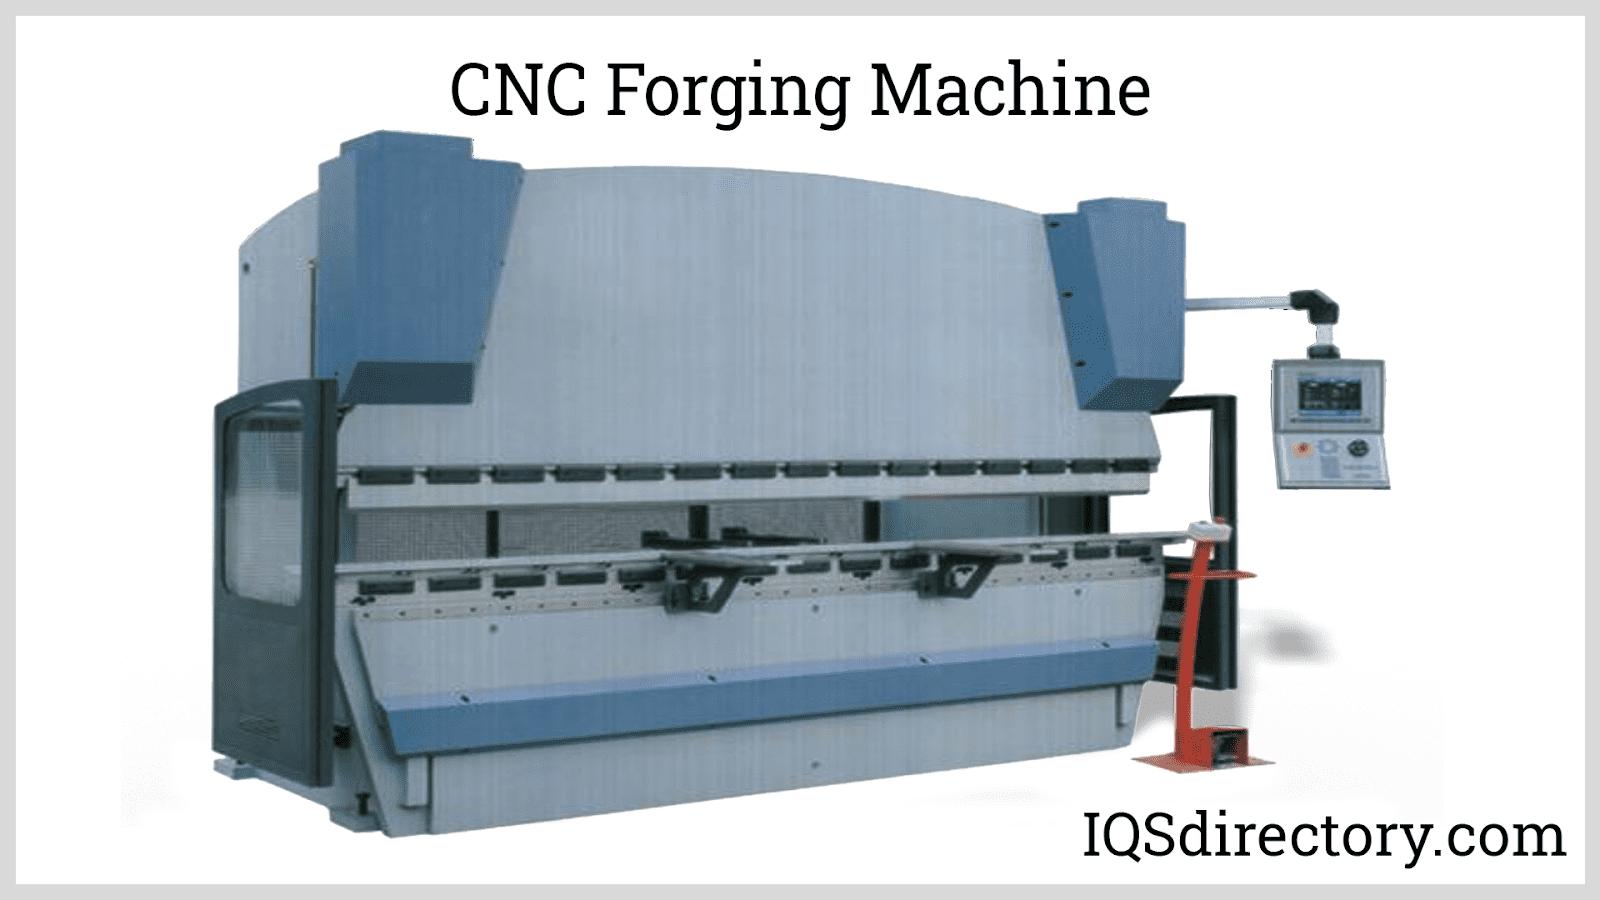 CNC Forging Machine